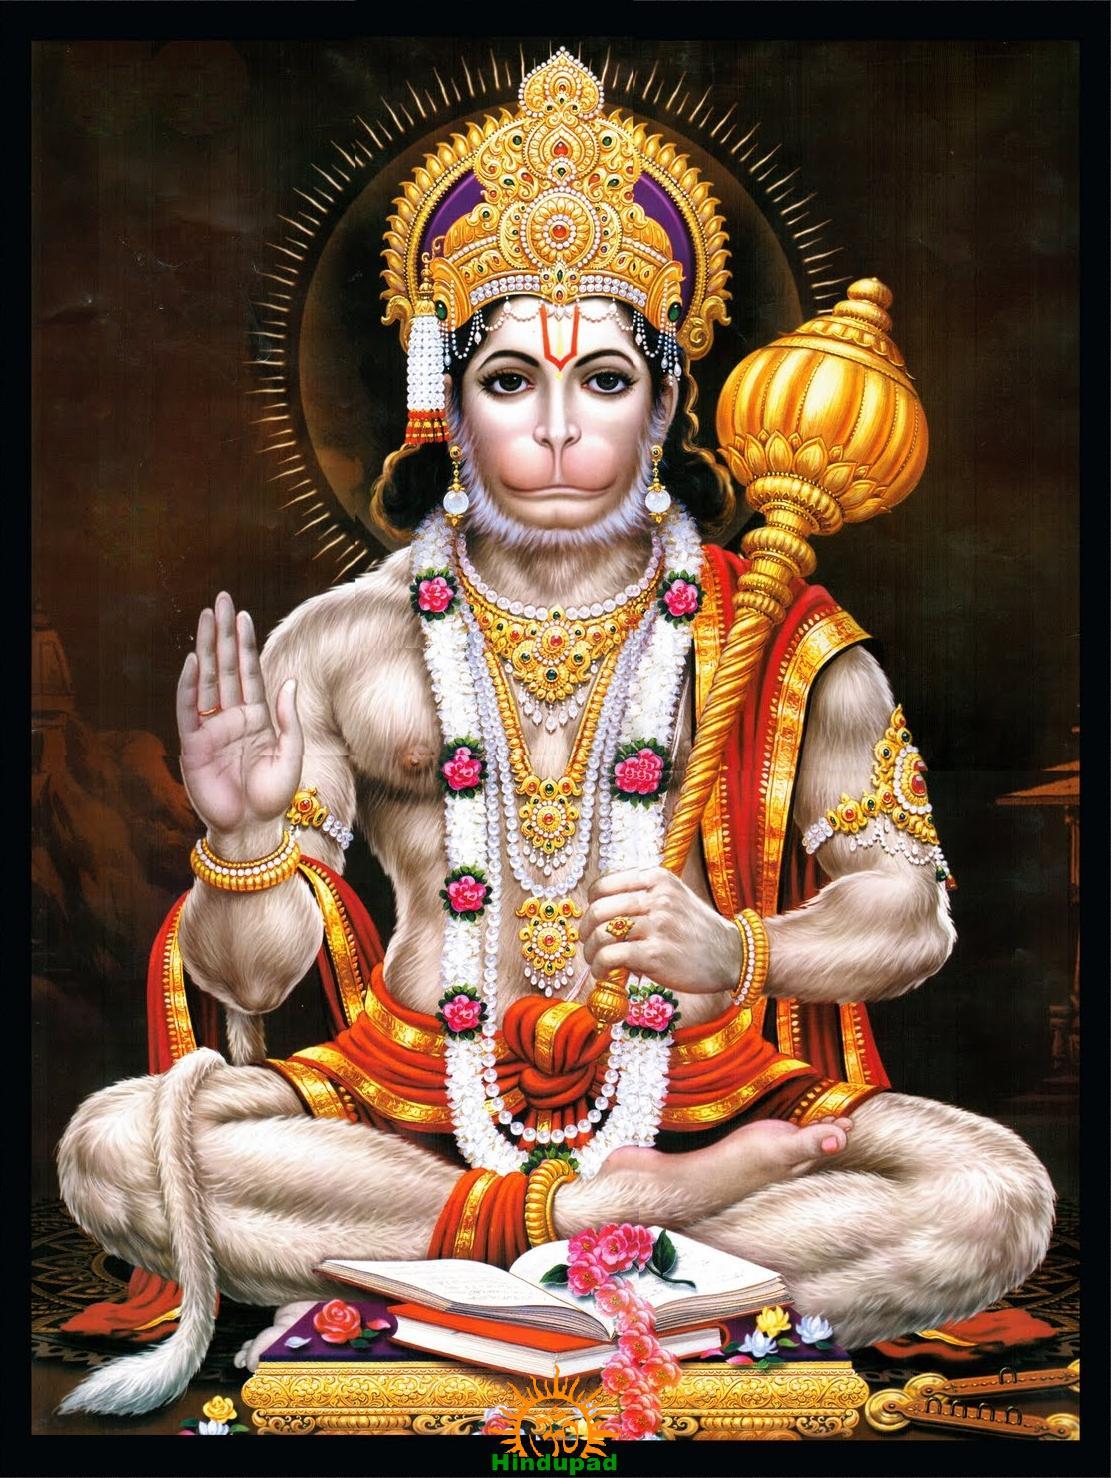 हनुमान जी के भी है पांच सगे भाई   जानिये हनुमान के भाइयों के बारे में - HinduPad